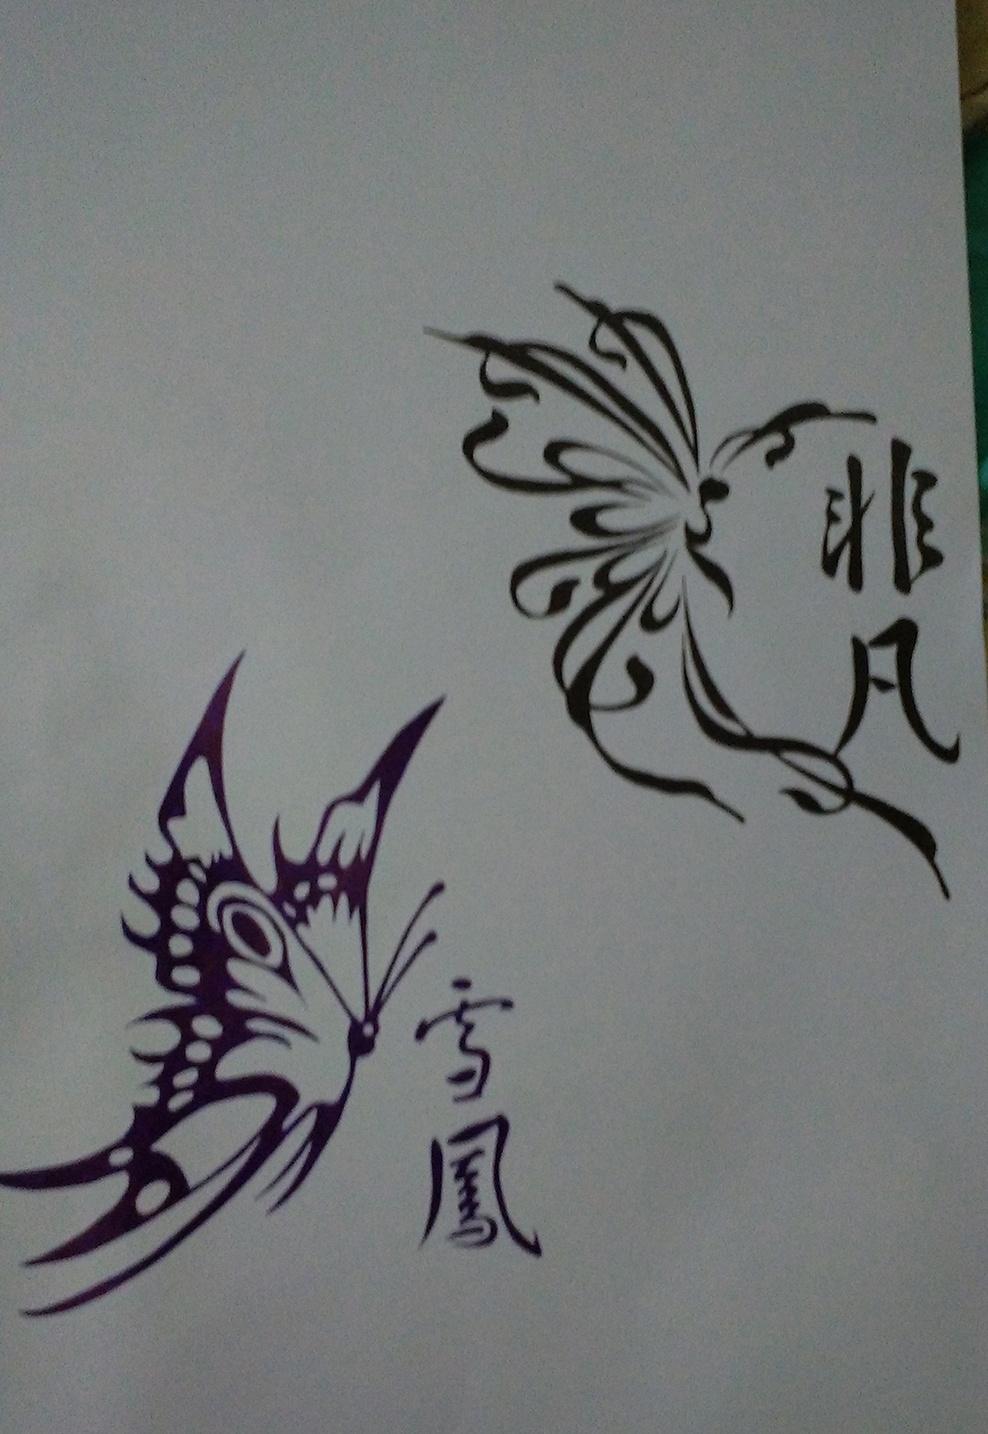 手绘-黑白画 插画